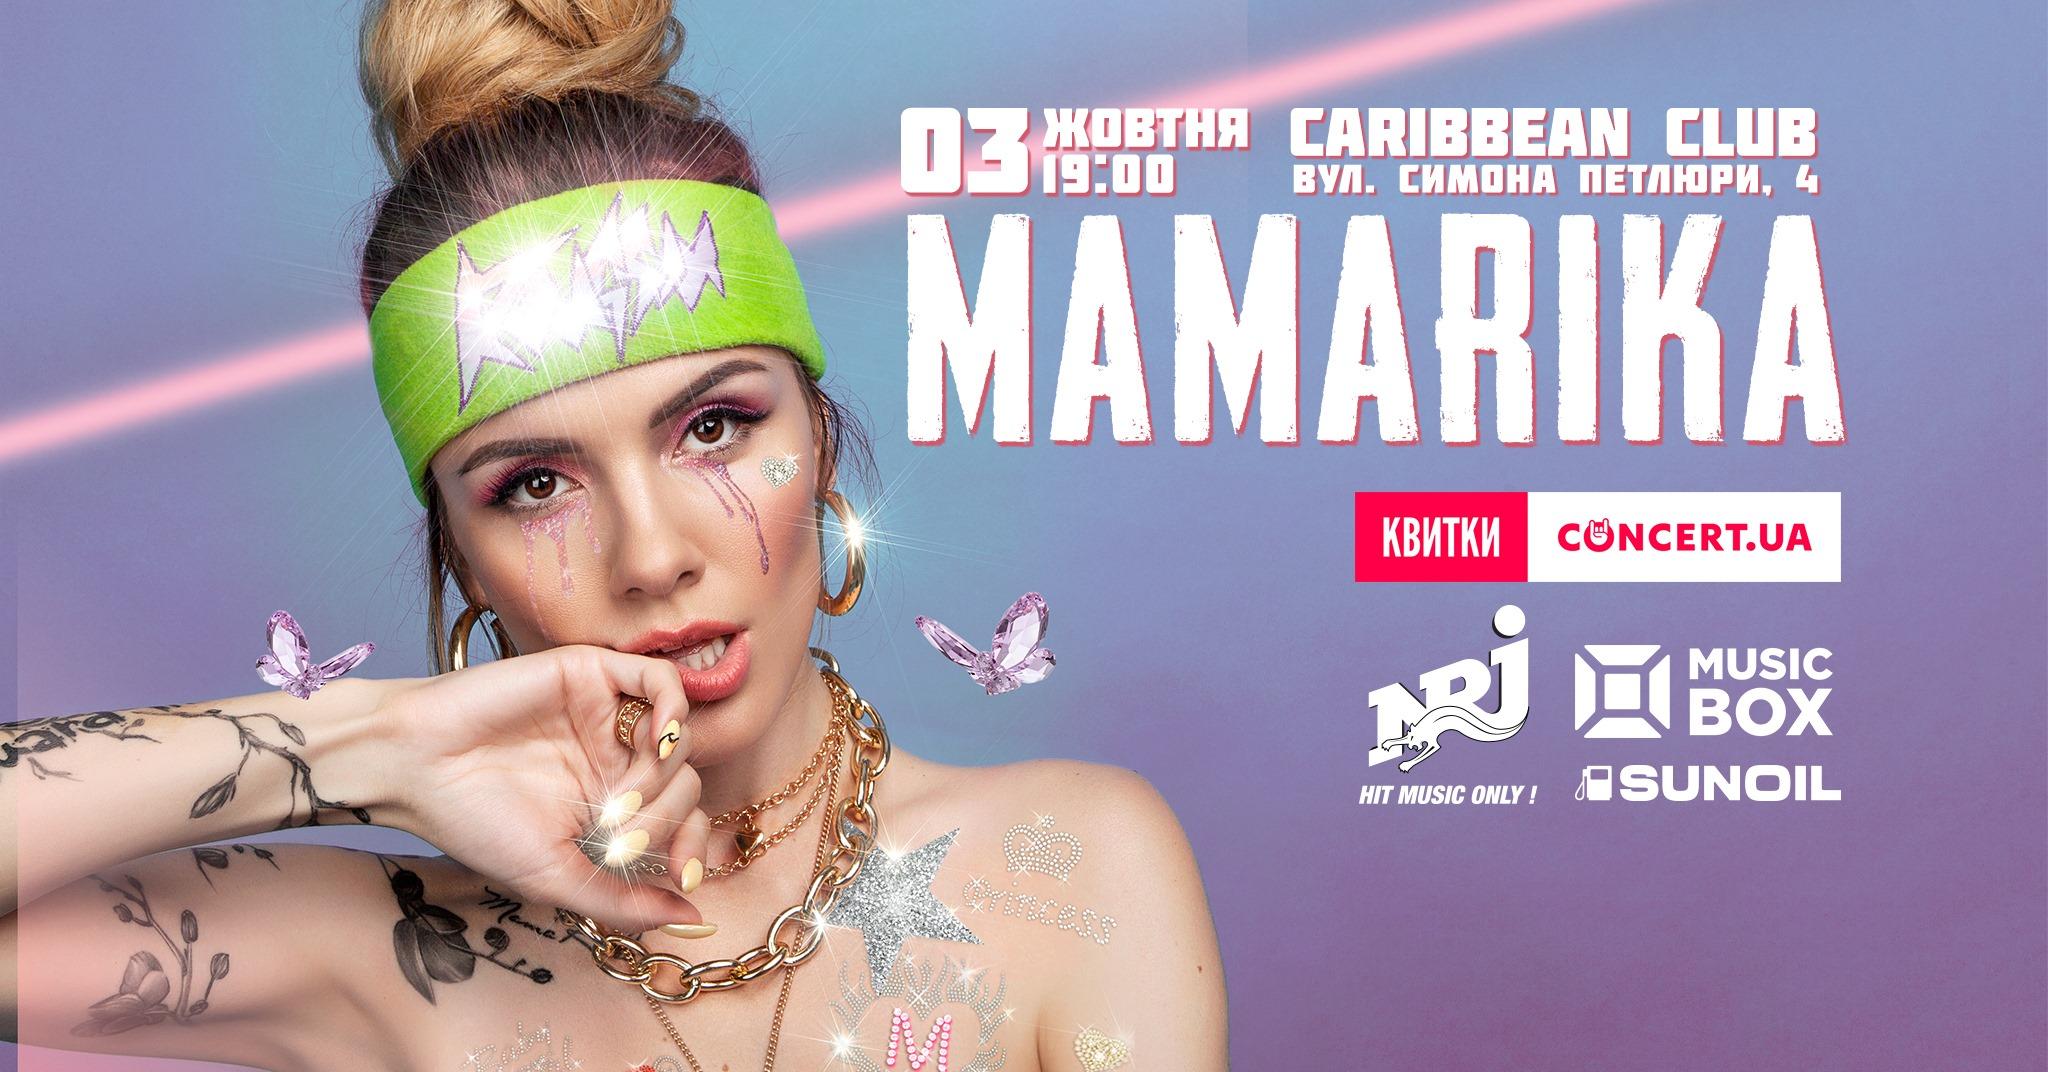 Відеозапрошення 3.10 Caribbean Club, Київ, Мамаріка – сольний концер